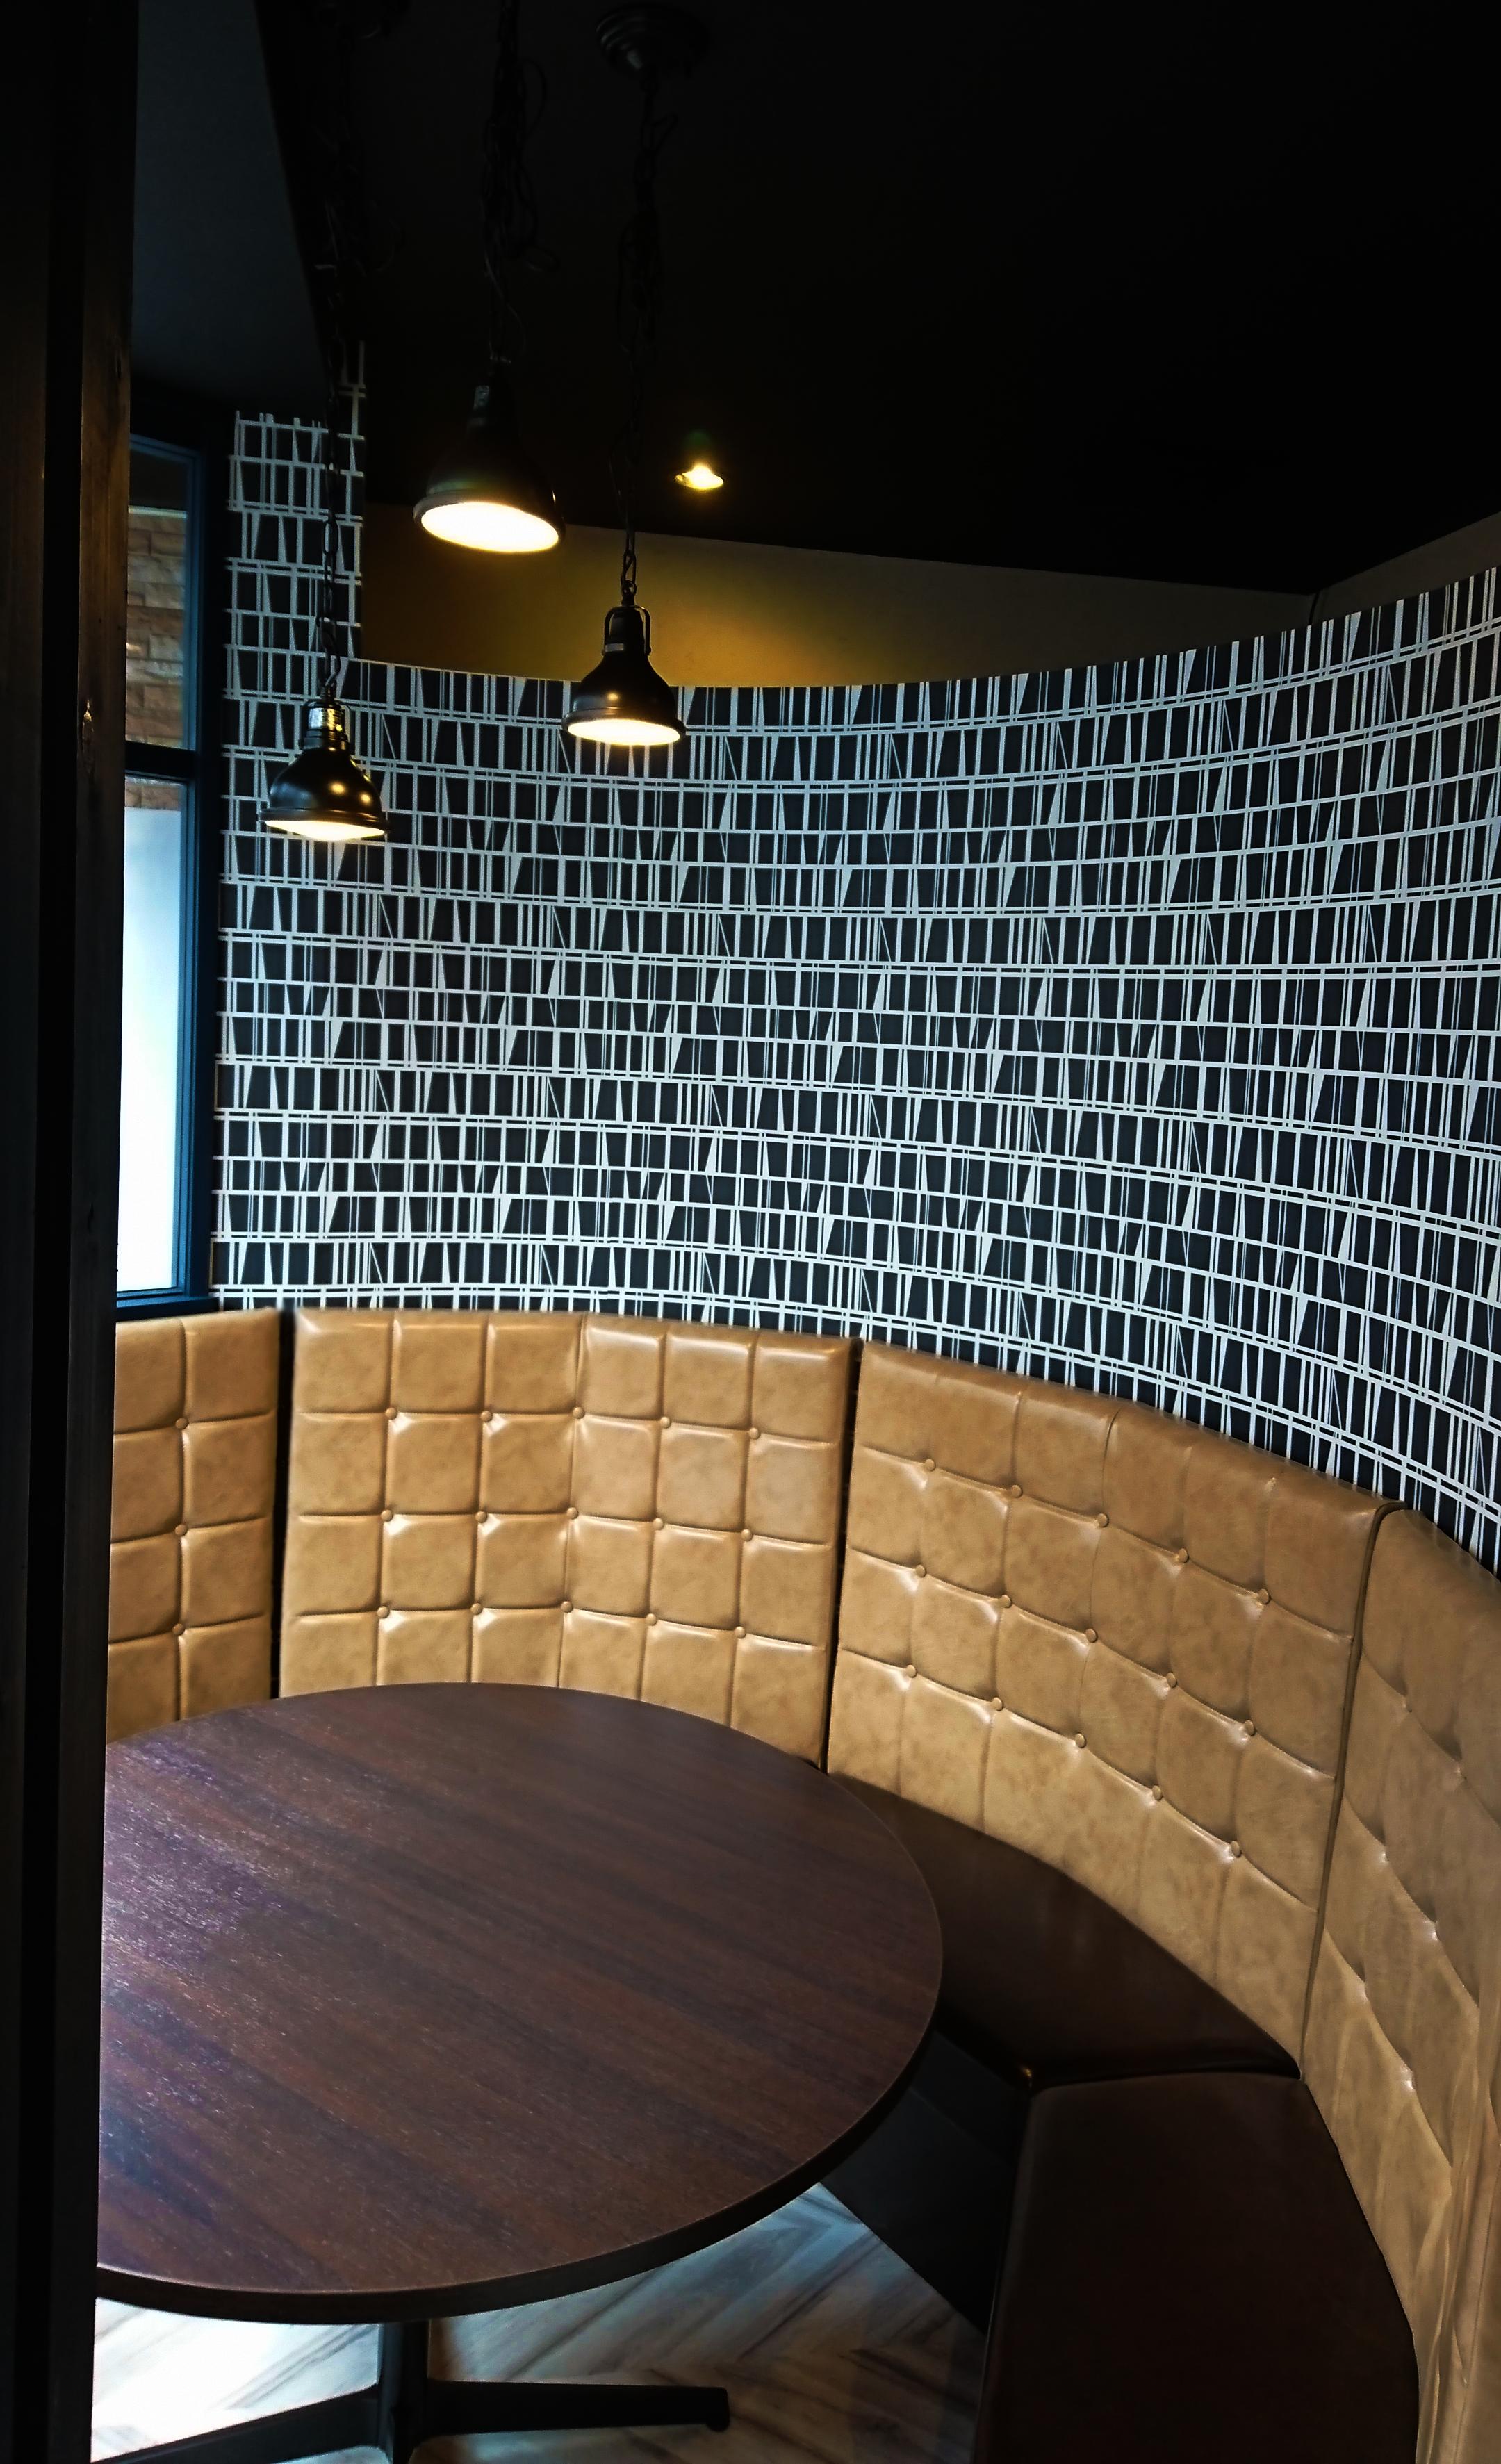 Dining AI from ISSEYの円形の個室の様子です